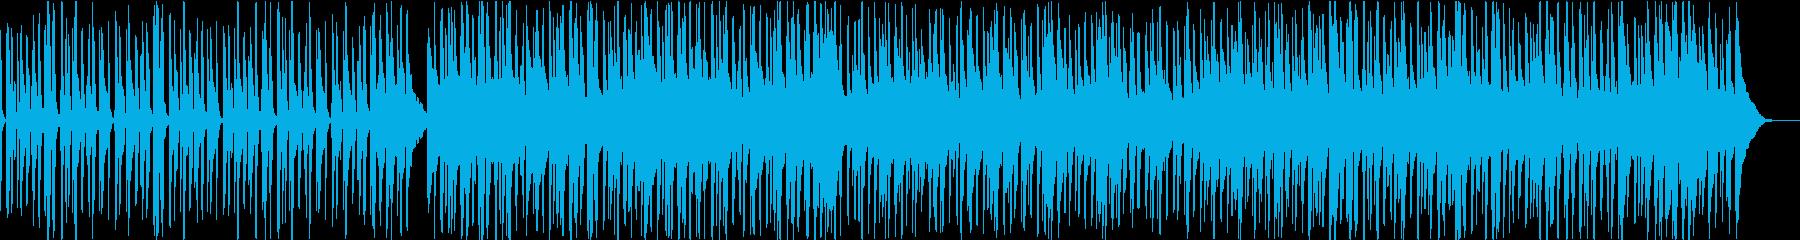 口笛のかわいい映像系の曲の再生済みの波形